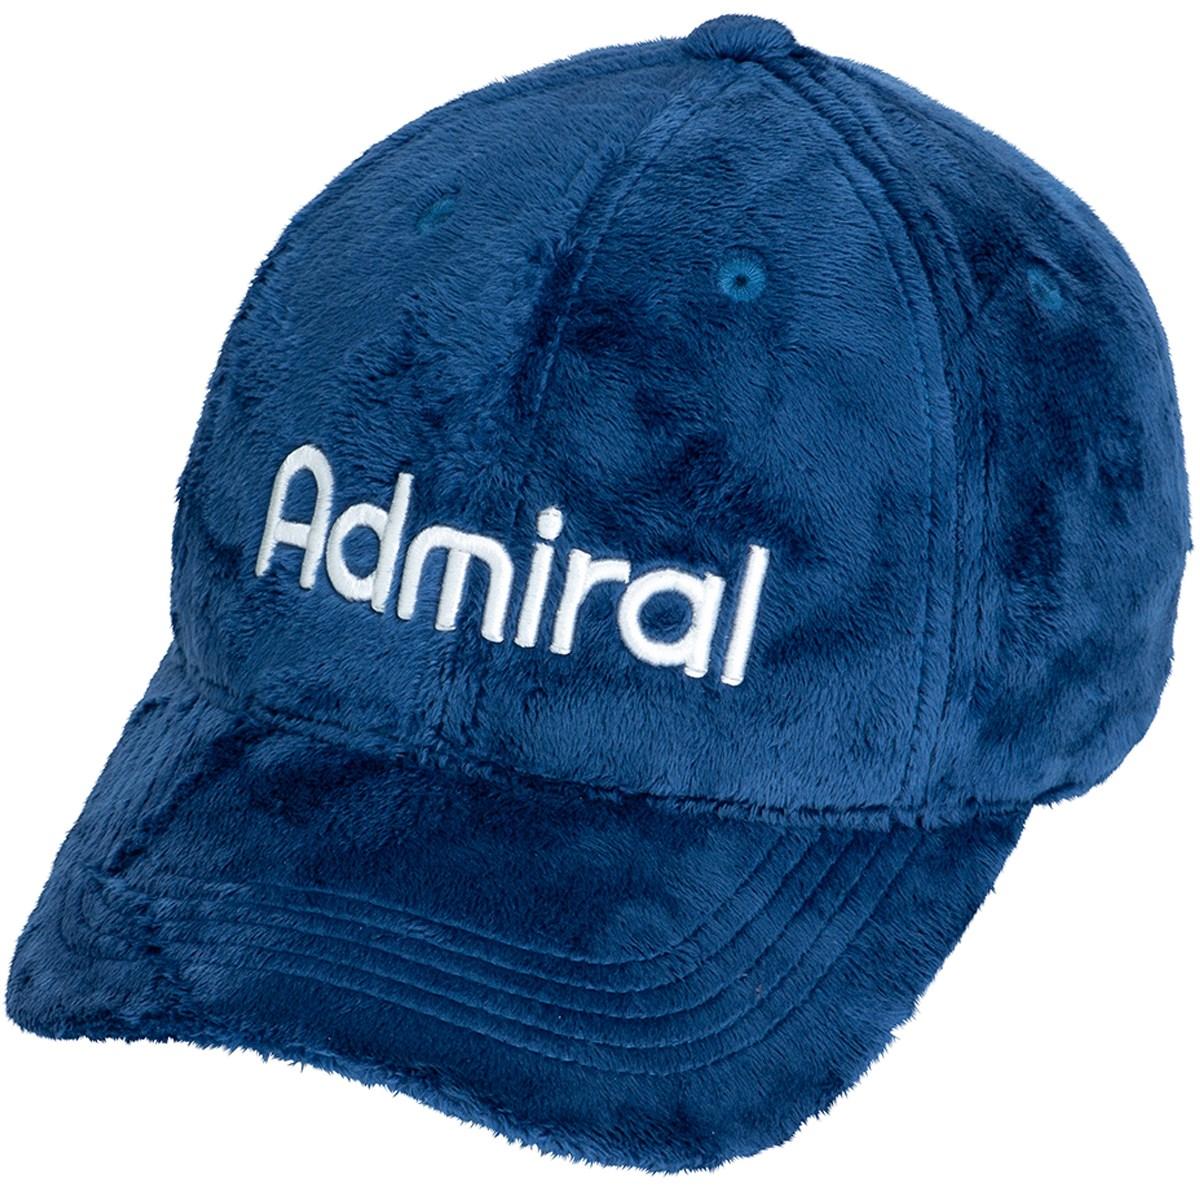 アドミラル Admiral ボアフリース キャップ フリー ネイビー 30 レディス